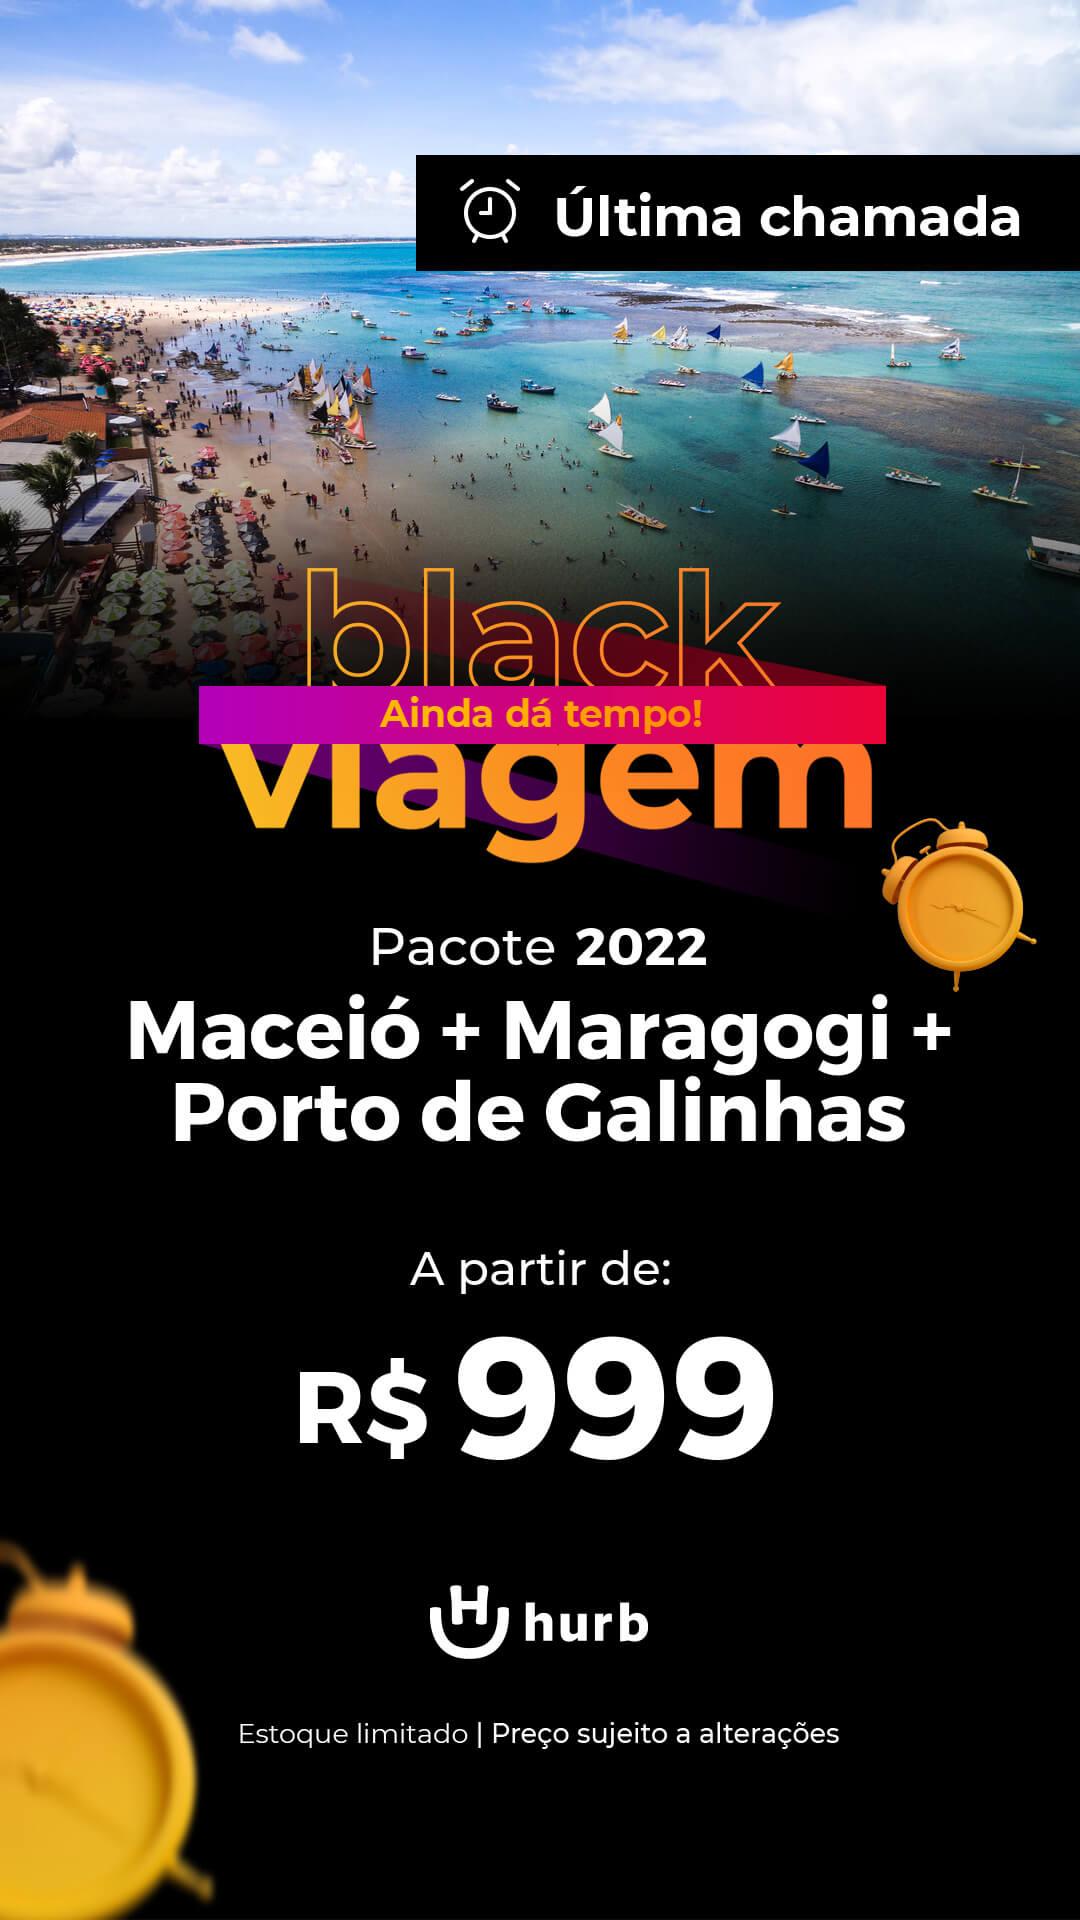 pacote maceio maragogi porto de galinhas 2022 black viagem